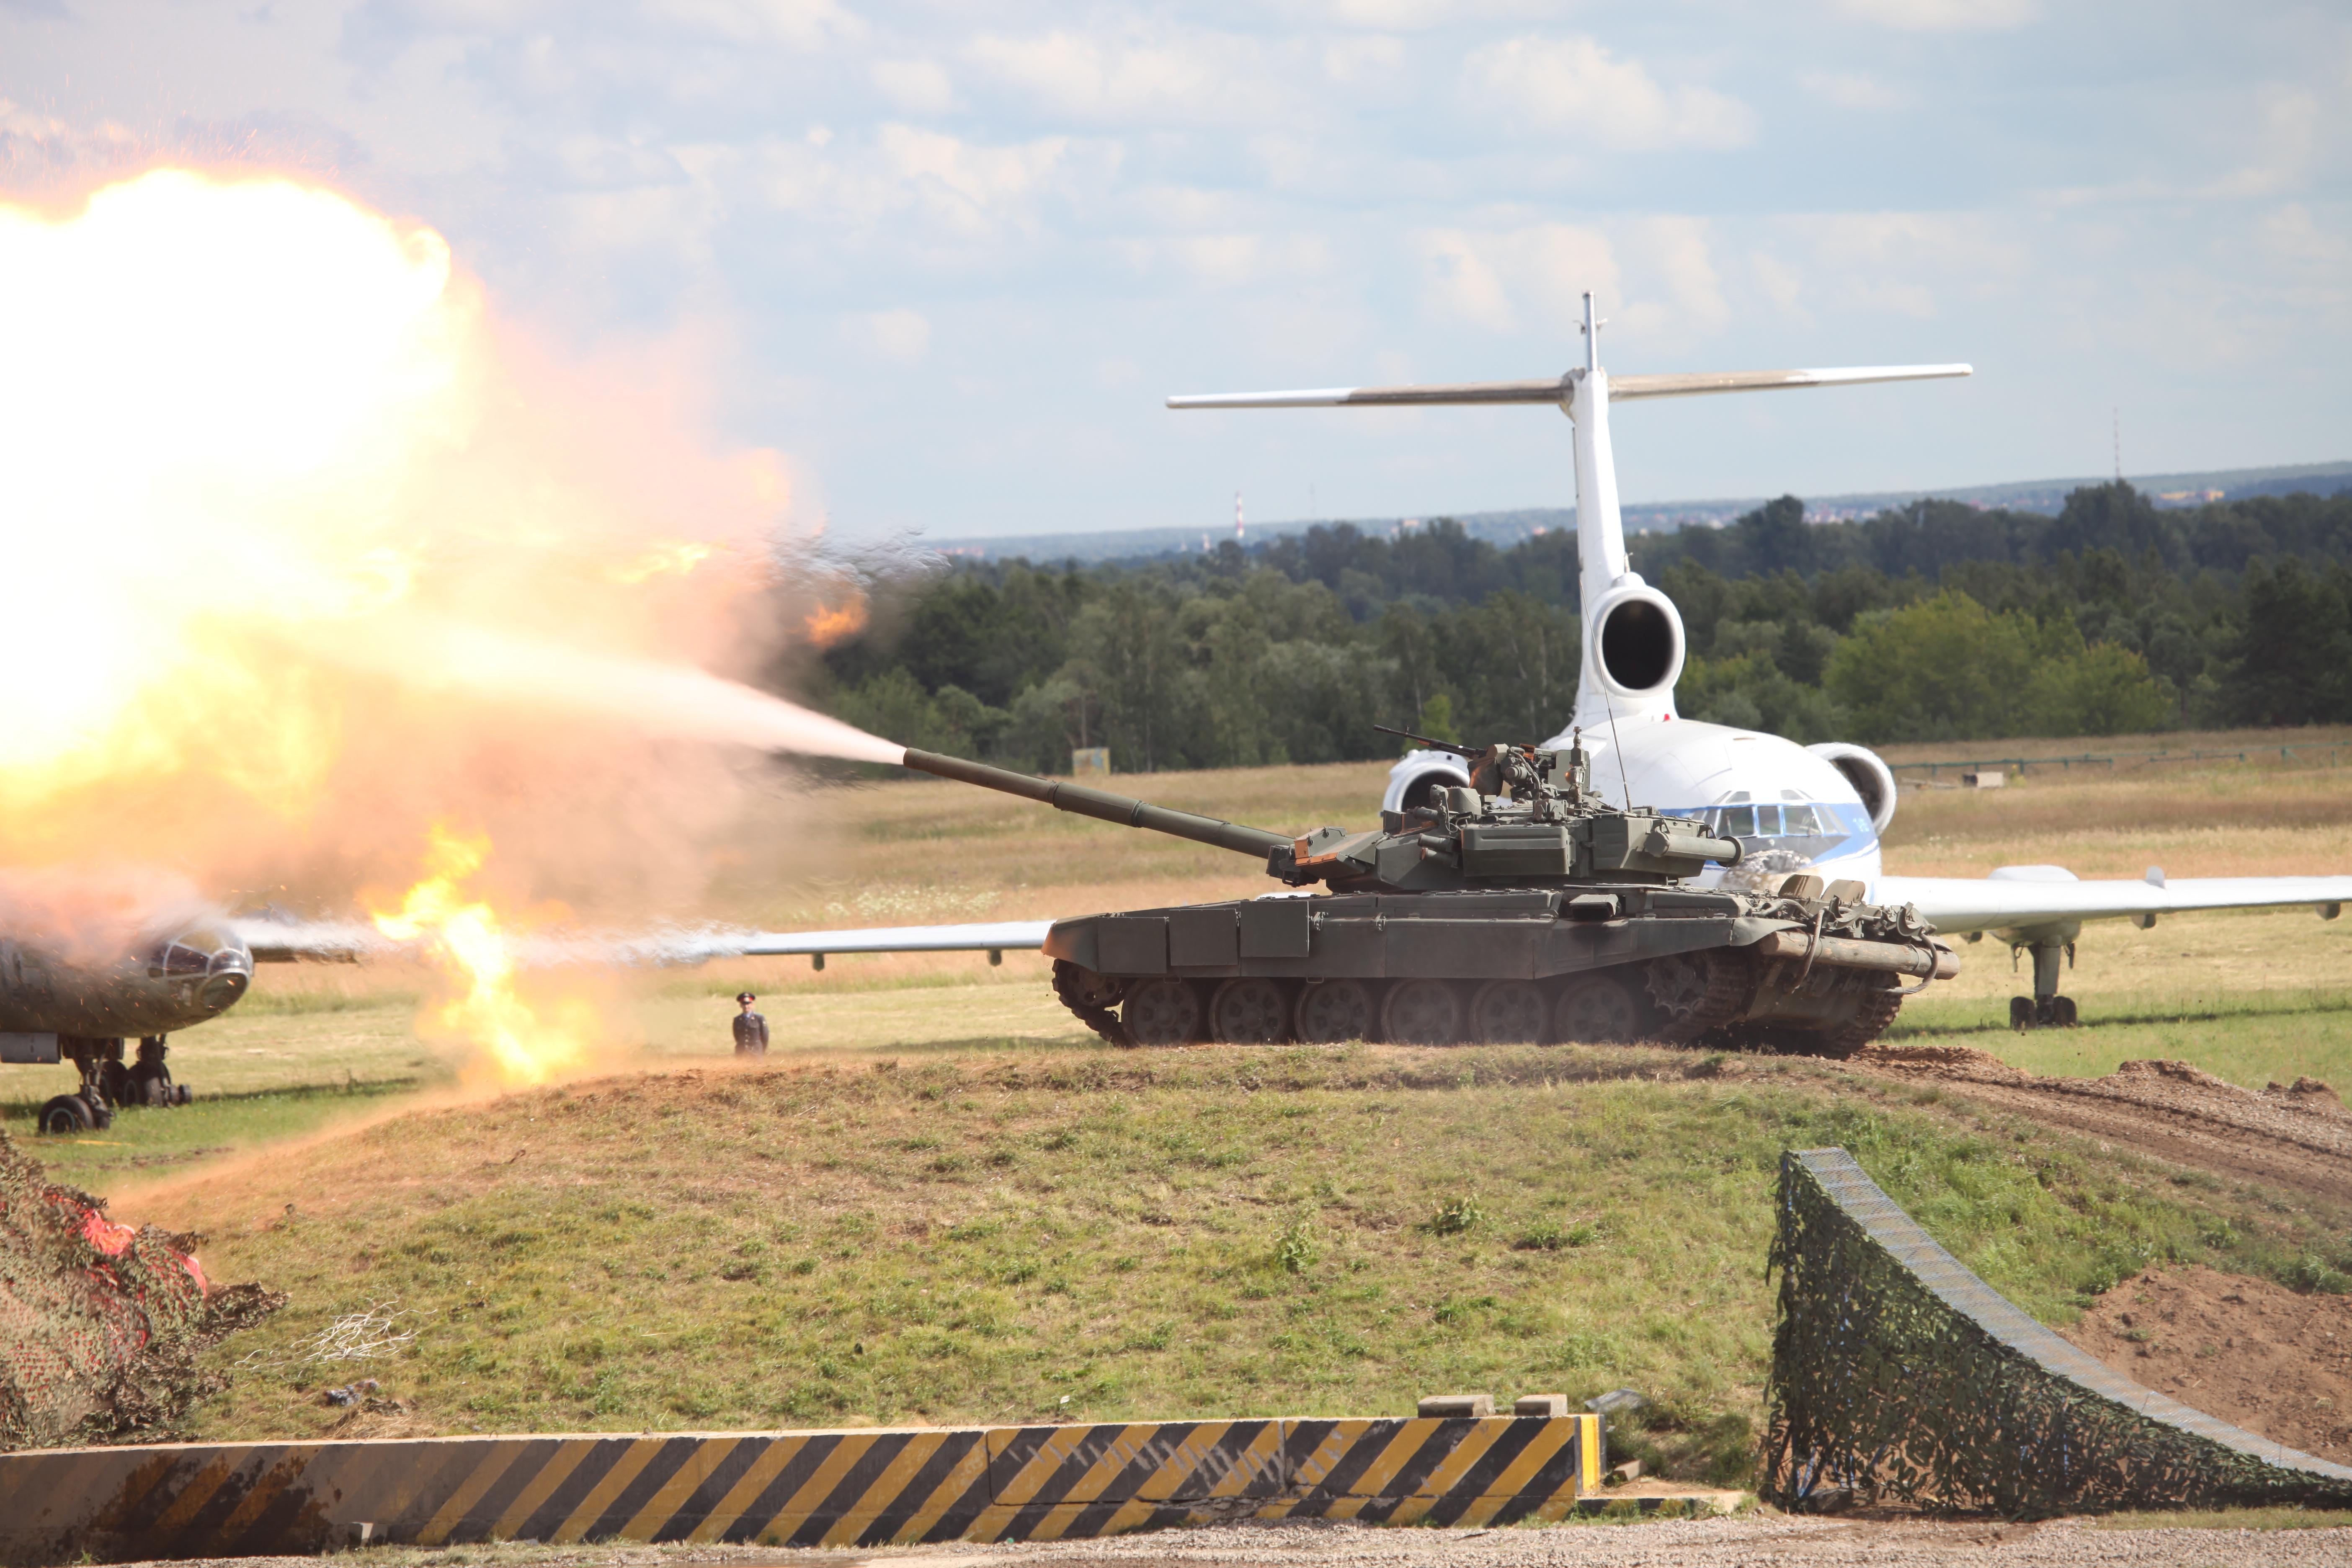 Firing_T-90A_main_battle_tank.jpg